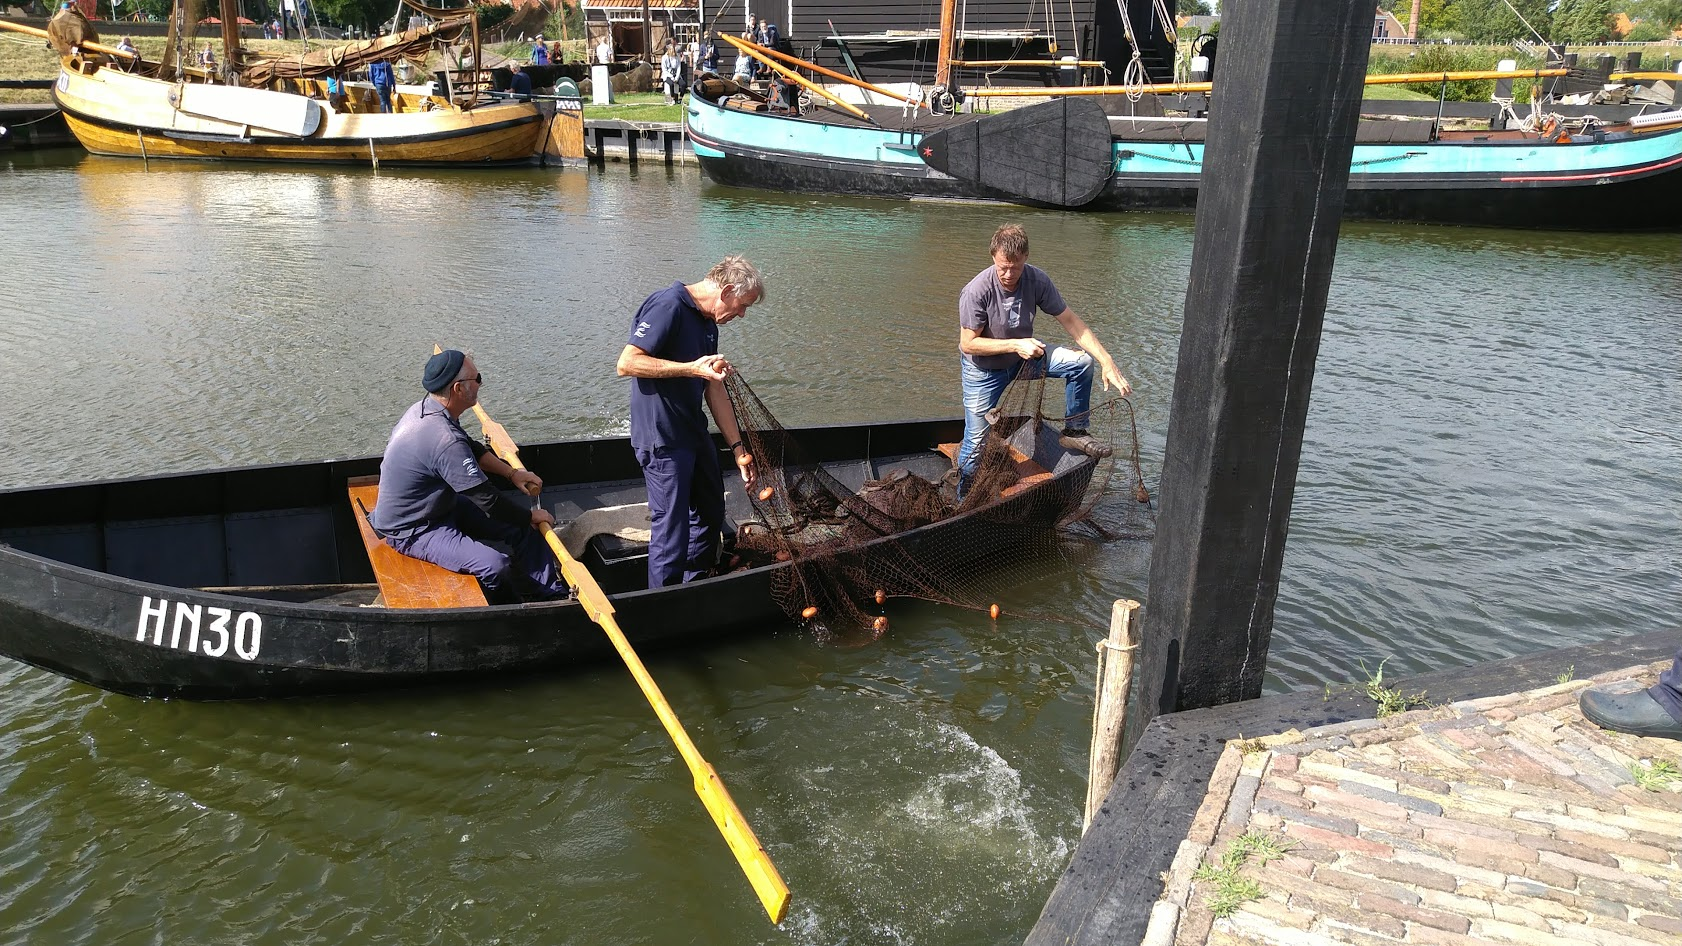 Fuikenboot HN30 in Zuiderzeemuseum